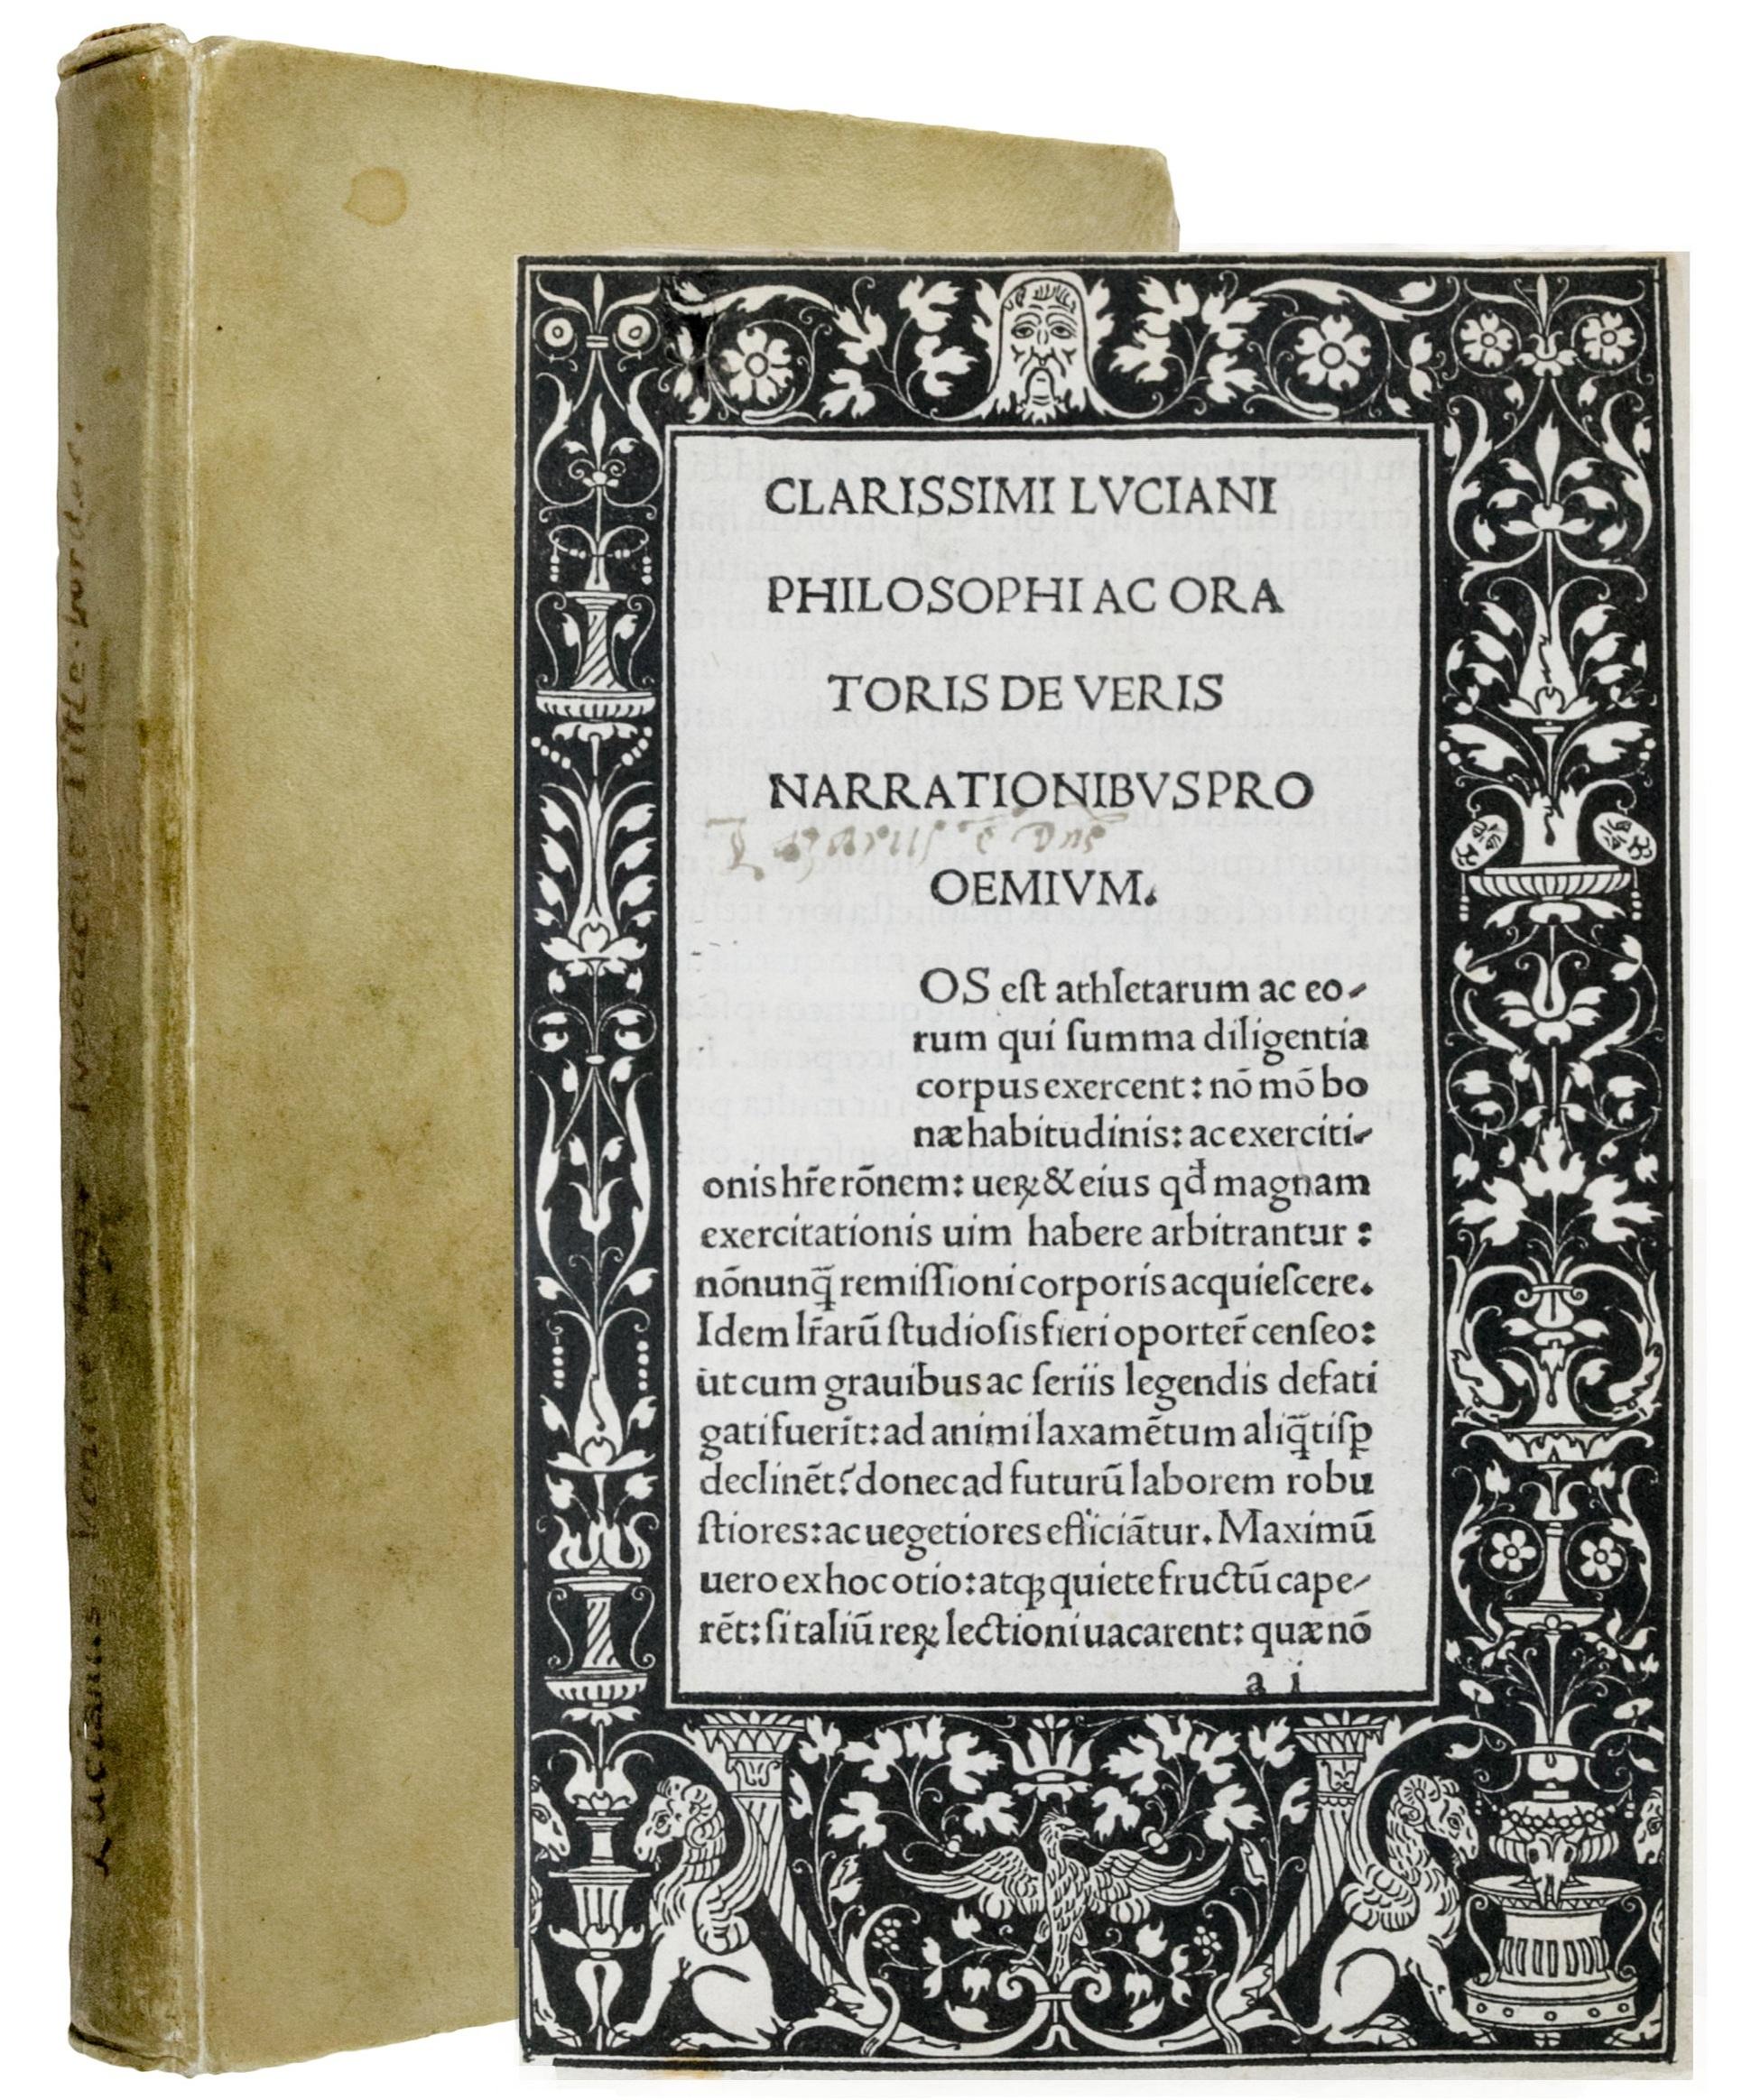 Lucianus Samosatensis (125–after 180 BC).  Vera historia. Tr: Lilius (Tifernas) Castellanus. Add: De asino aureo; Philosophorum vitae; Scipio; Tyrannus; Scaphidium (Dialogus de funerali pompa); Palinurus; Charon; Diogenes; Terpsion; Hercules; Virtus dea; In amorem; Timon; Sermo de calumnia; Laus muscae. Ed: Benedictus Bordonus; Maephus Vegius: De Felicitate et miseria.  Venice, Simon Bevilaqua, for Benedetto Bordone, 25 August 1494.